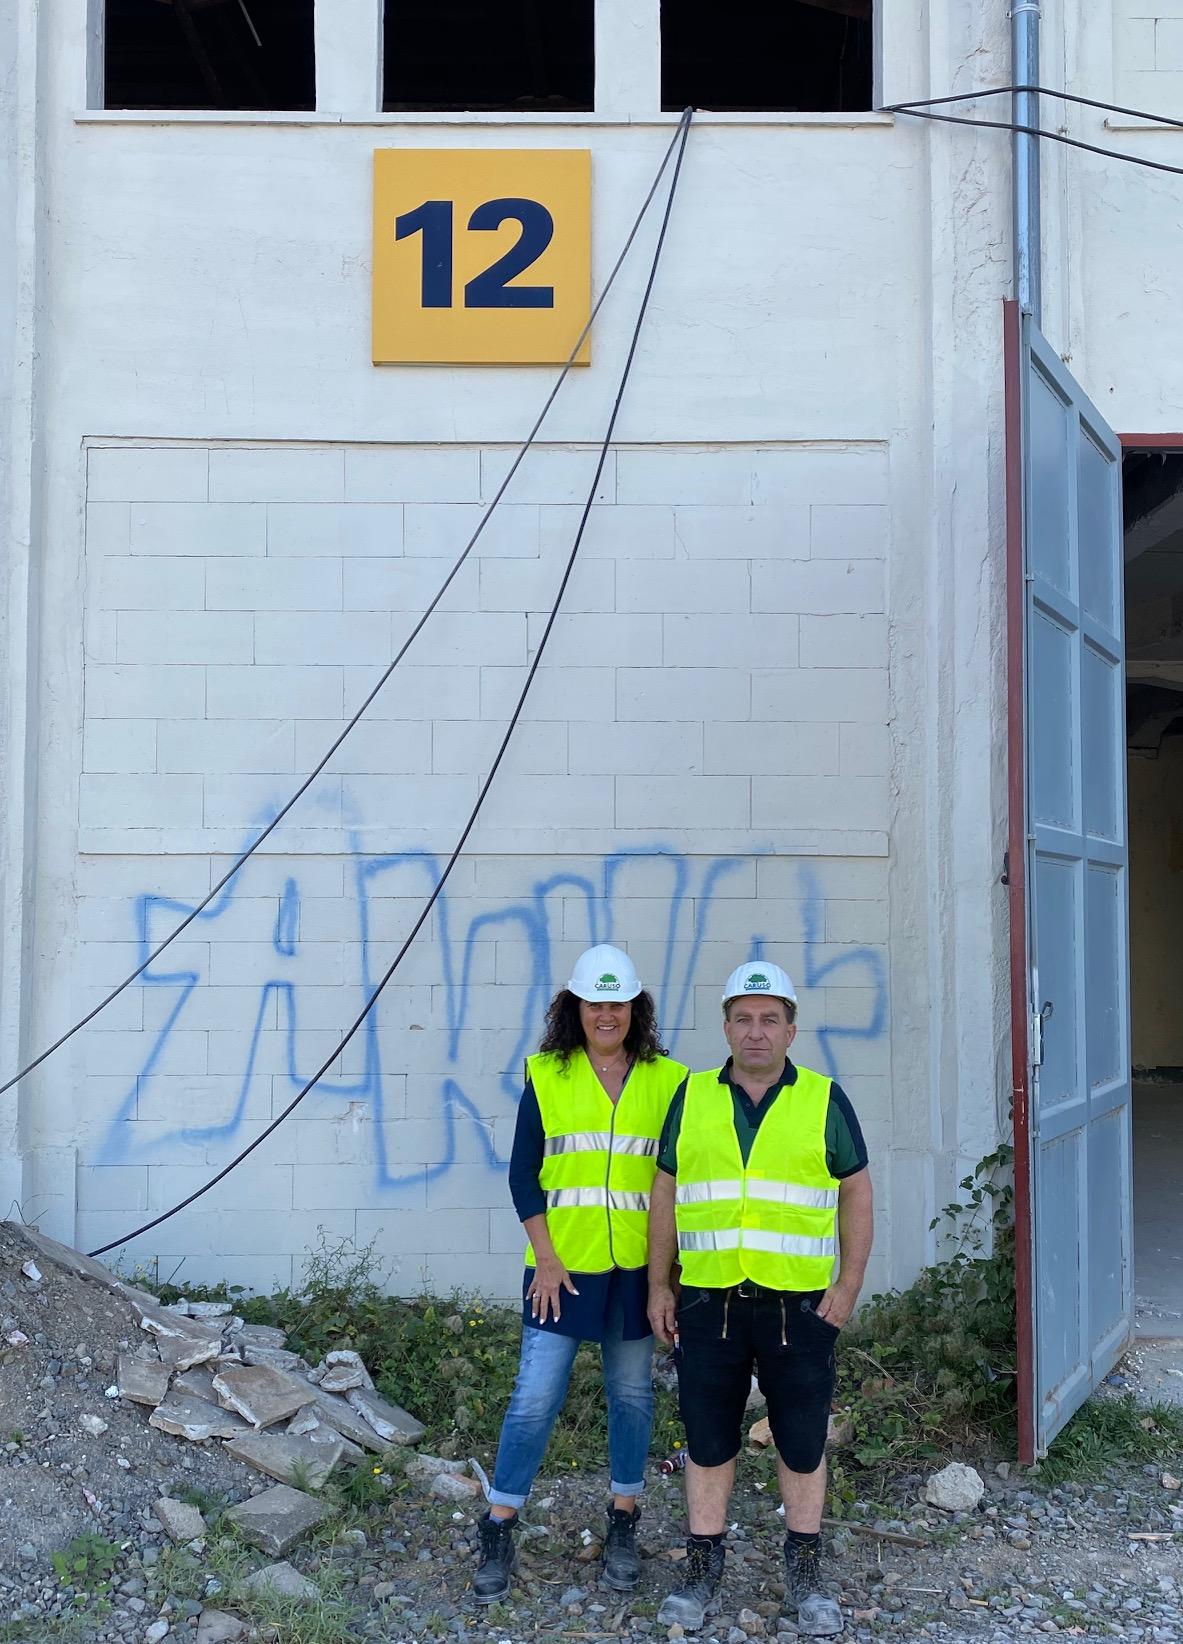 Baufortschritt in Messehalle 12